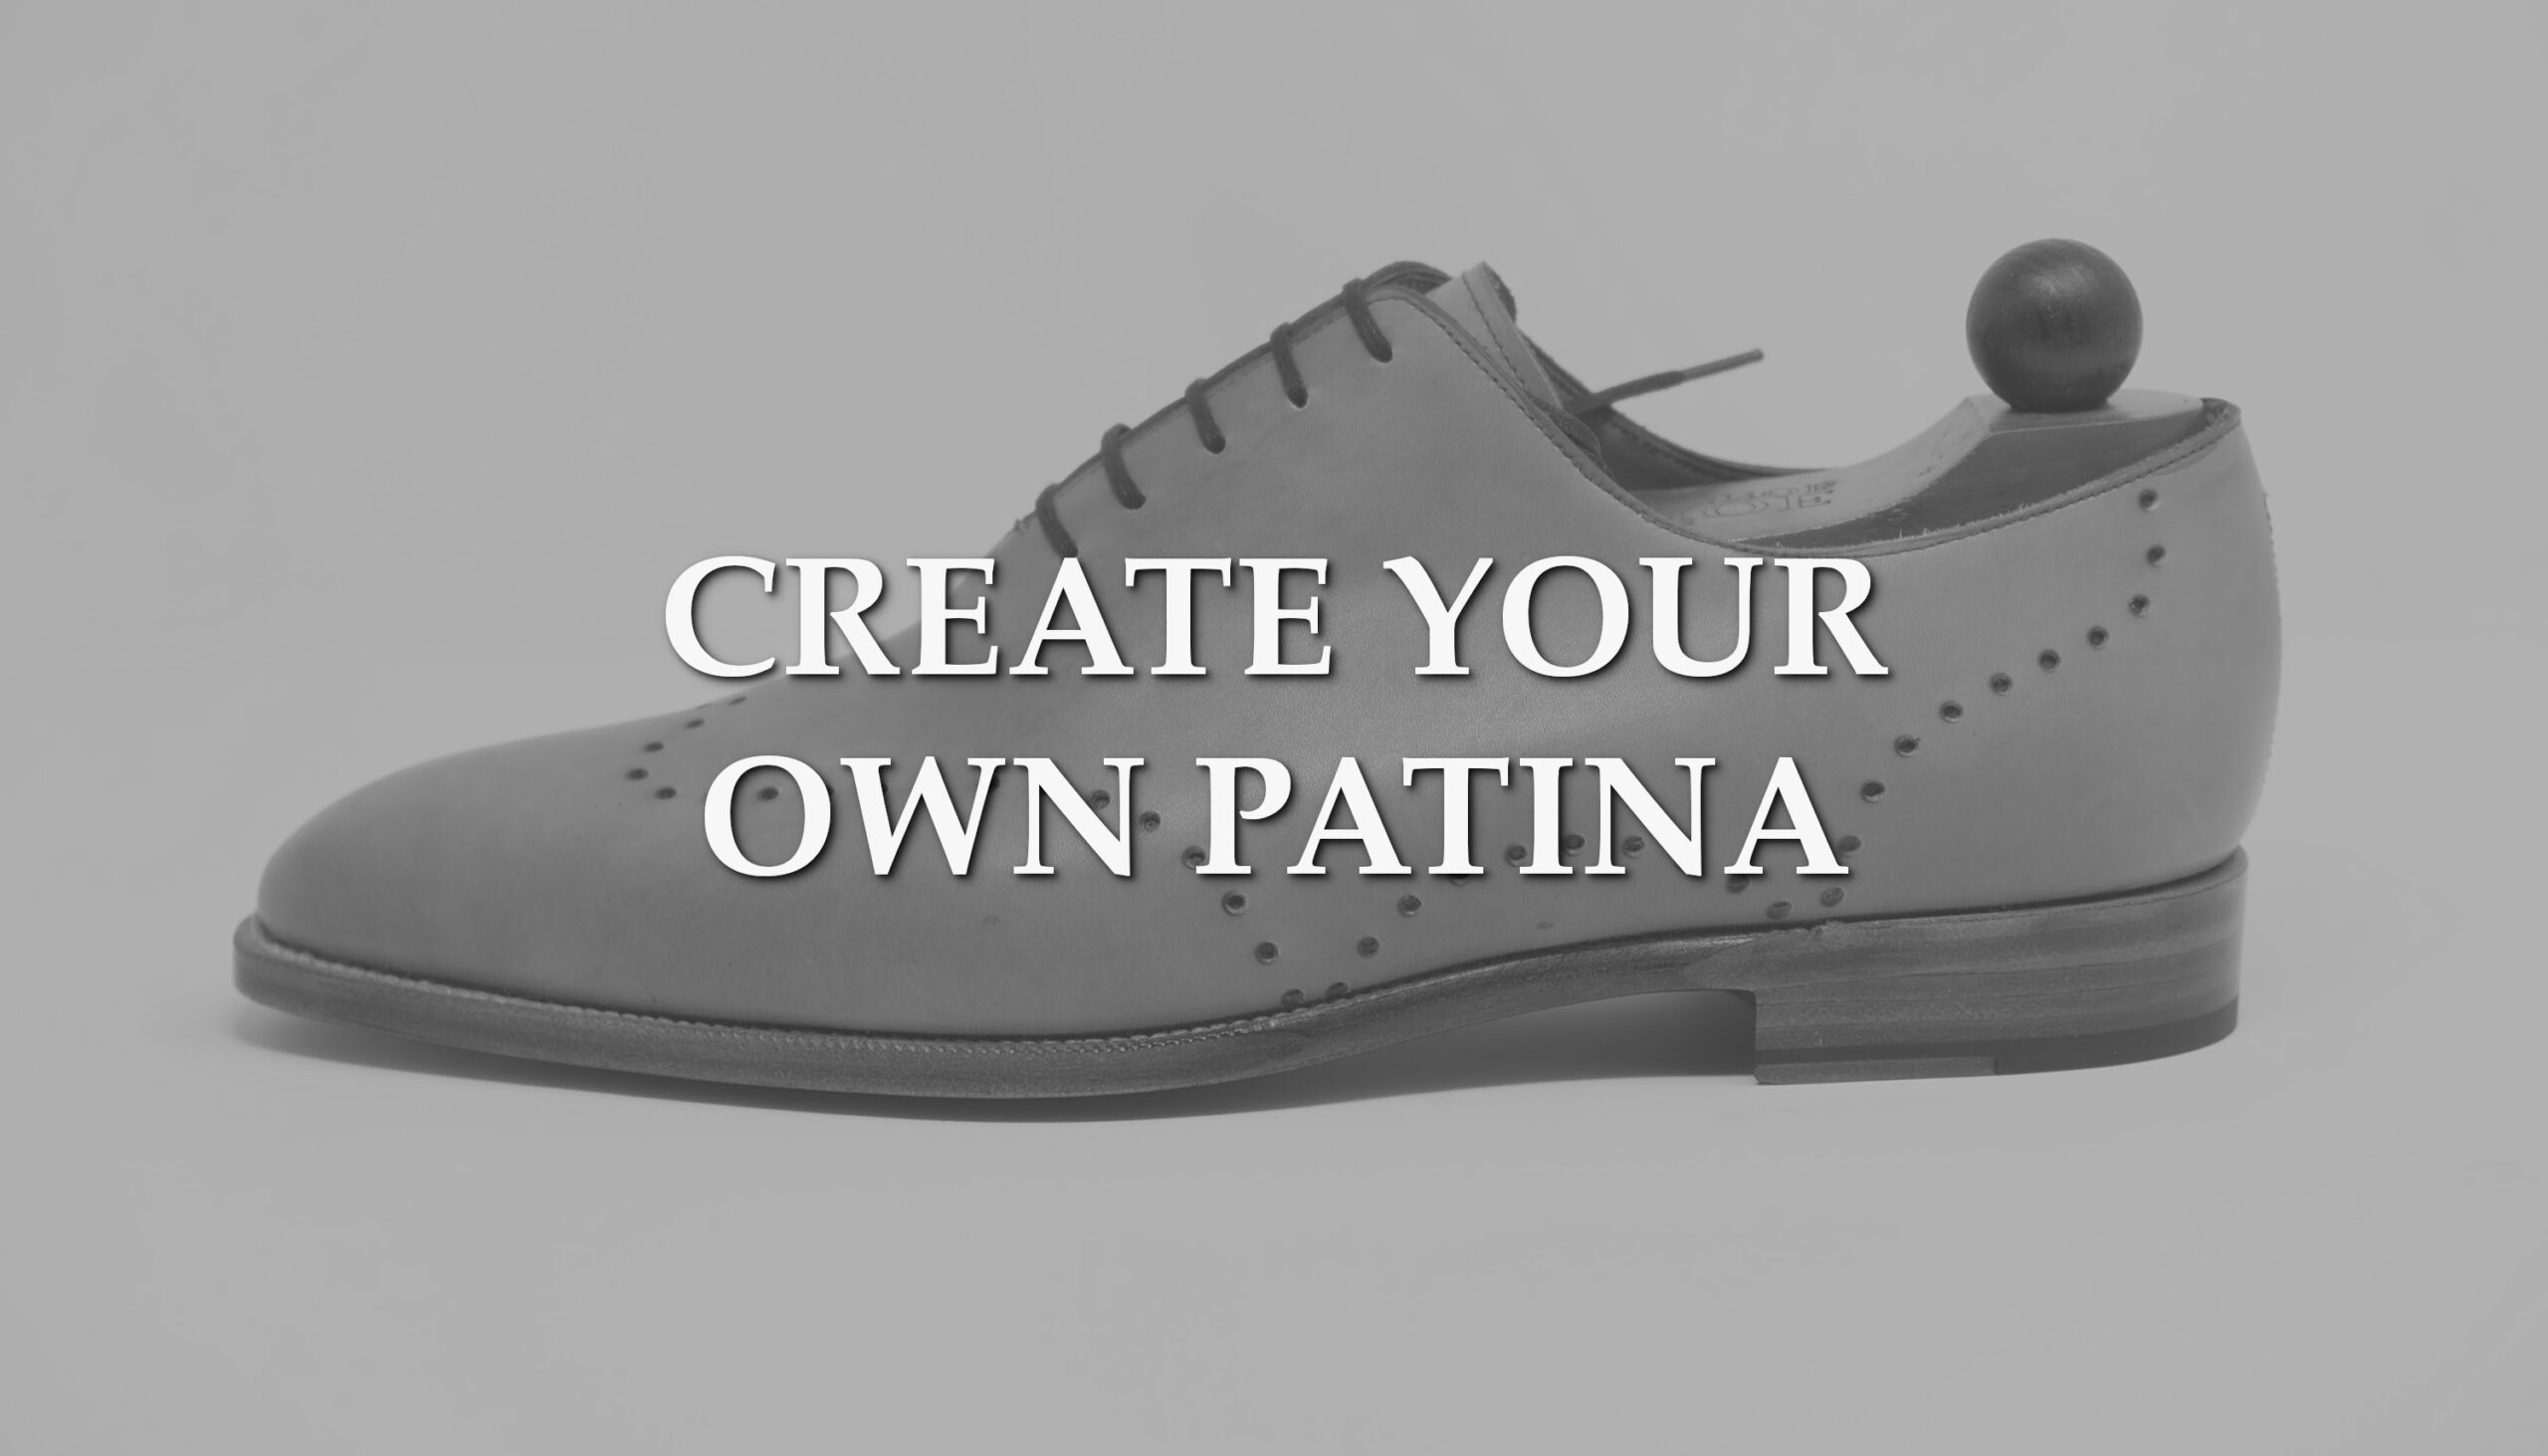 Hancore x J.FitzPatrick Footwear = New Patina Project